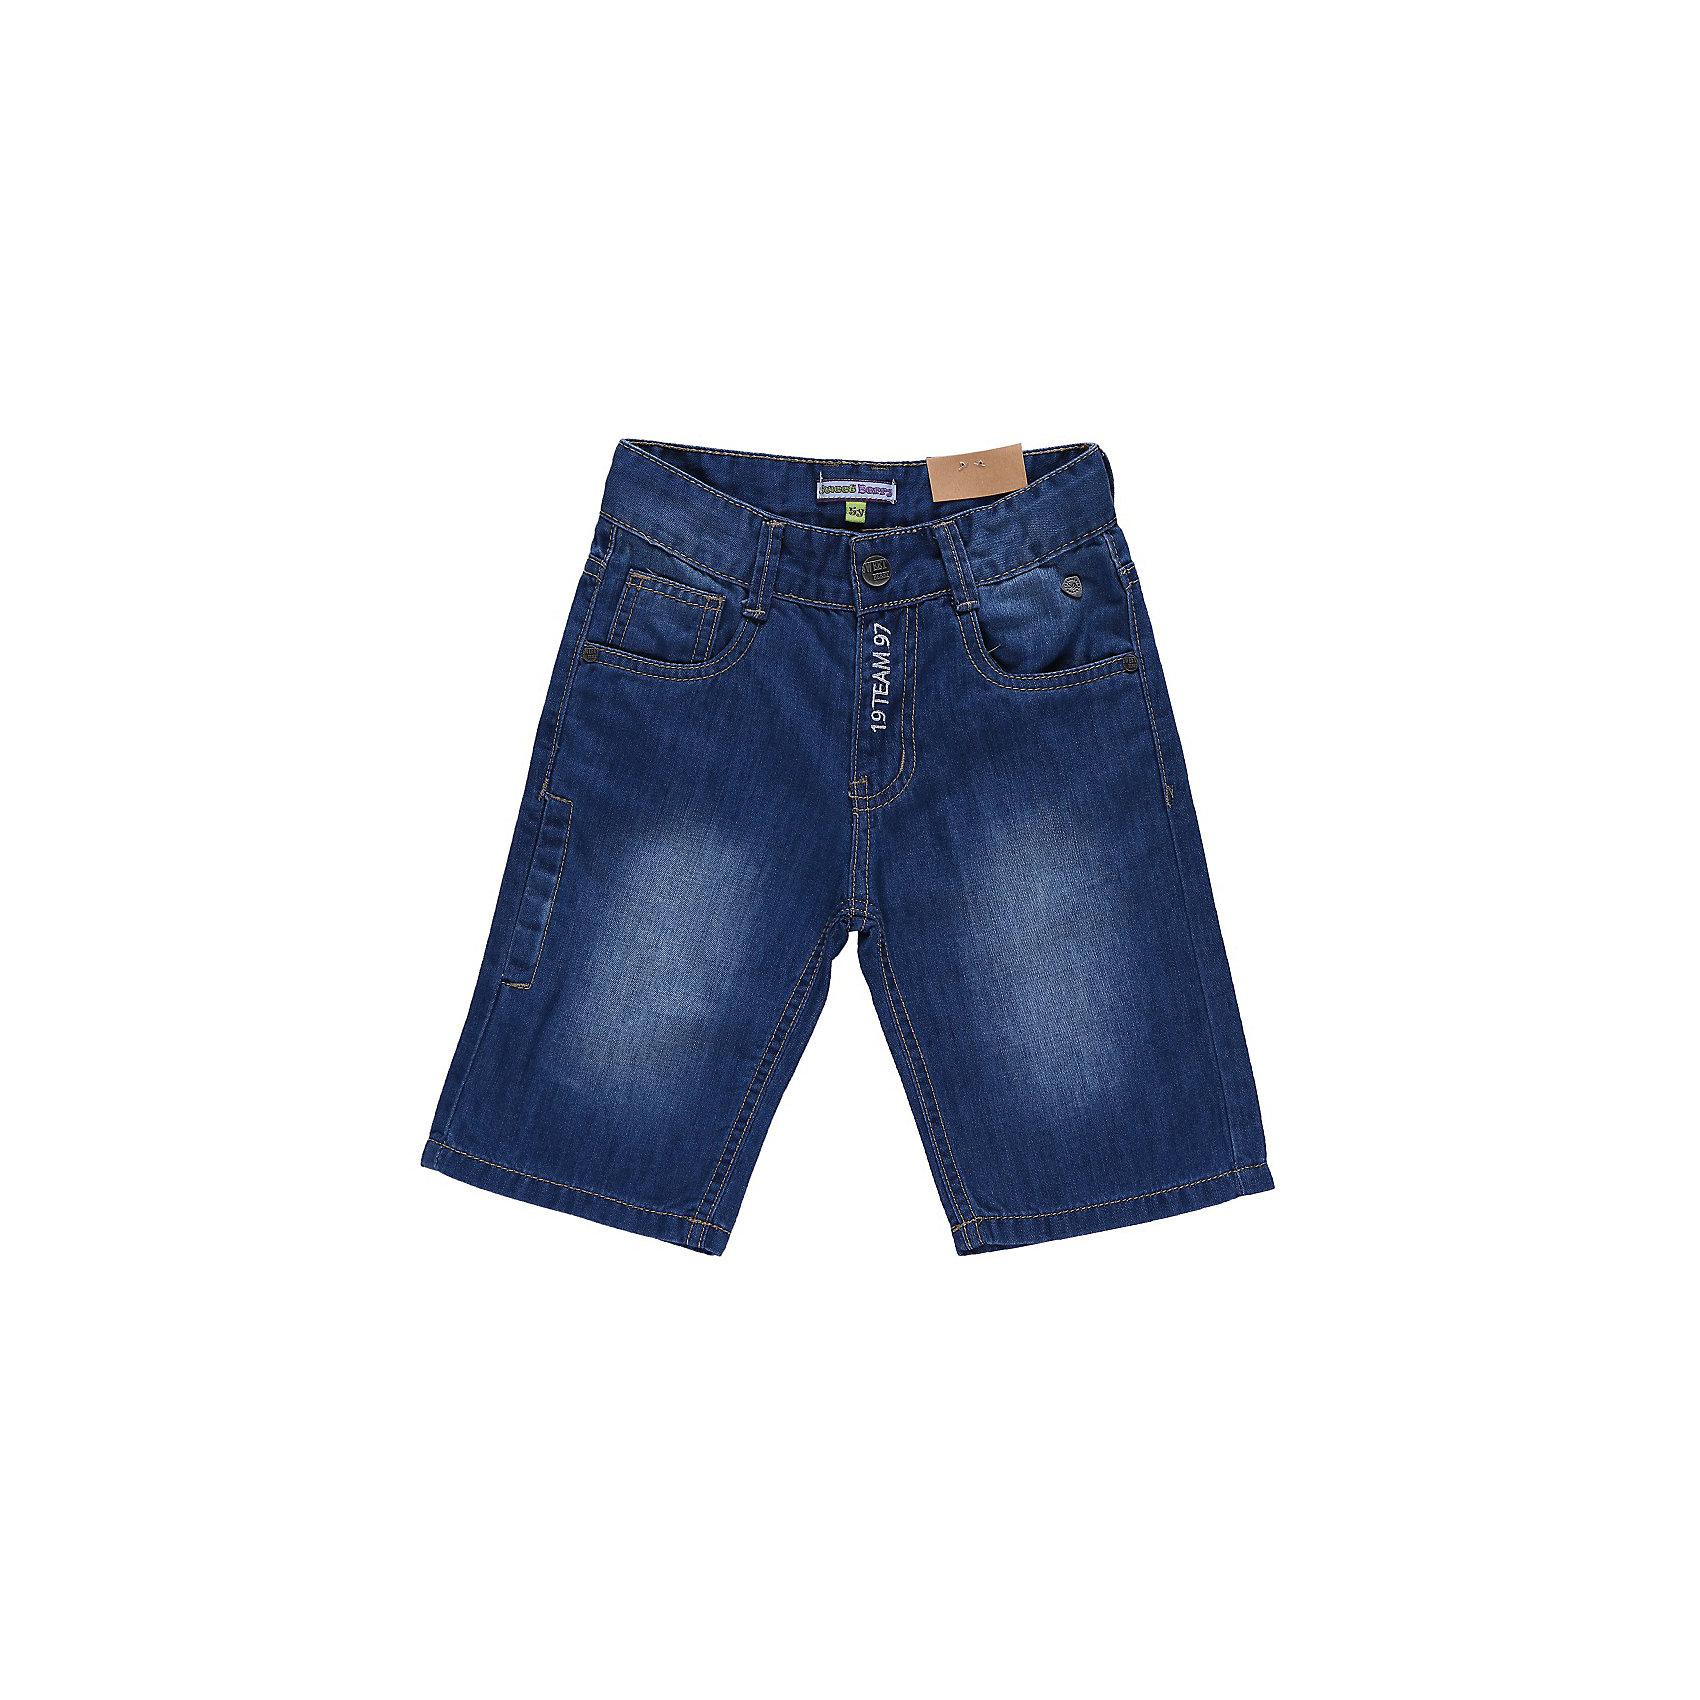 Бриджи джинсовые для мальчика Sweet BerryДжинсовая одежда<br>Джинсовые бриджи с вышивкой на гульфике и одним карманом сзади.<br>Состав:<br>100% хлопок<br><br>Ширина мм: 191<br>Глубина мм: 10<br>Высота мм: 175<br>Вес г: 273<br>Цвет: синий<br>Возраст от месяцев: 24<br>Возраст до месяцев: 36<br>Пол: Мужской<br>Возраст: Детский<br>Размер: 98,128,110,116,104,122<br>SKU: 4522817